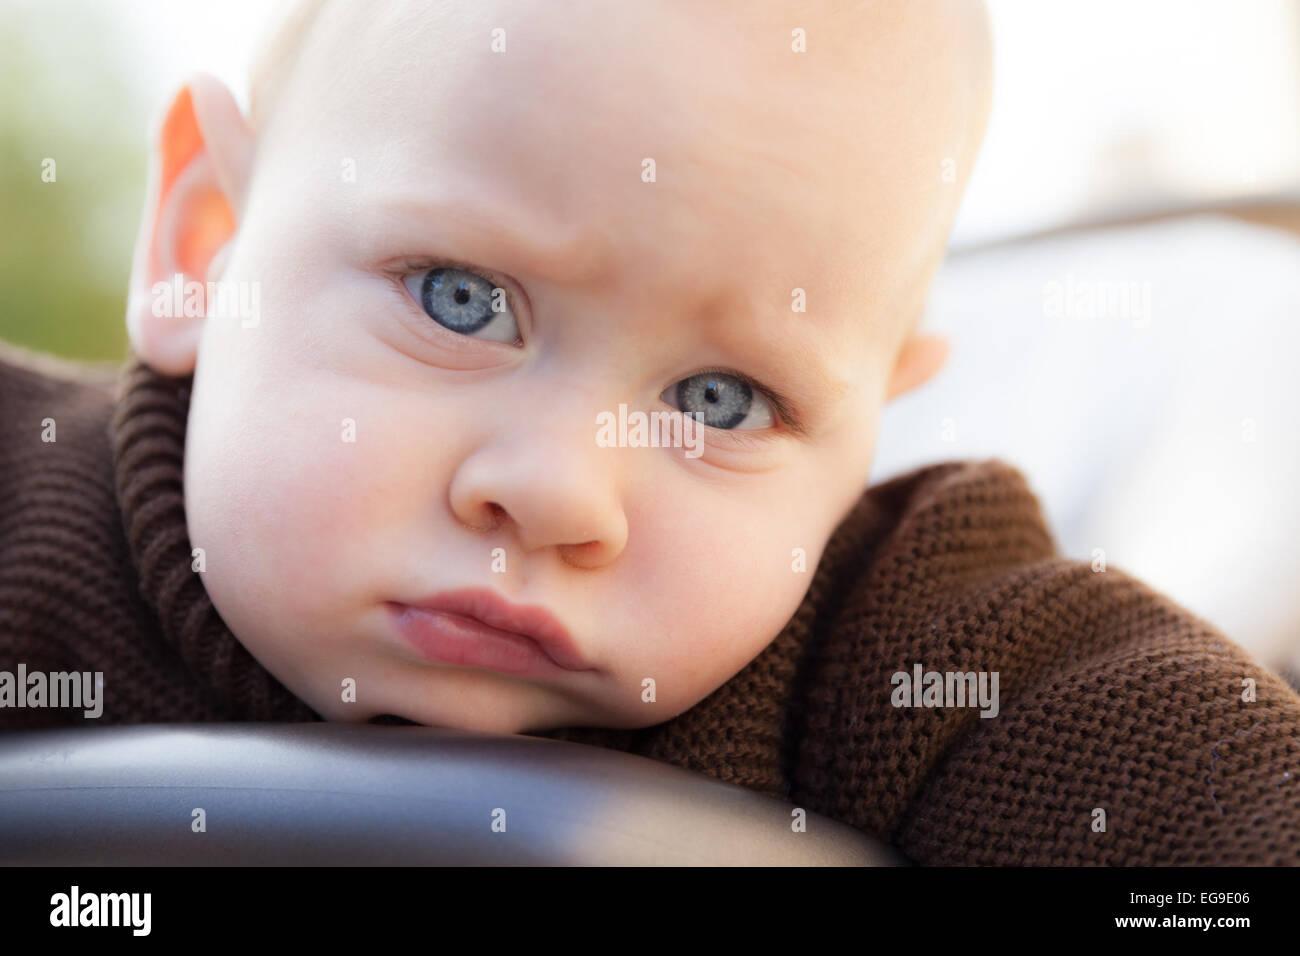 Ritratto di bimbo con gli occhi blu (12-17 mesi) Immagini Stock